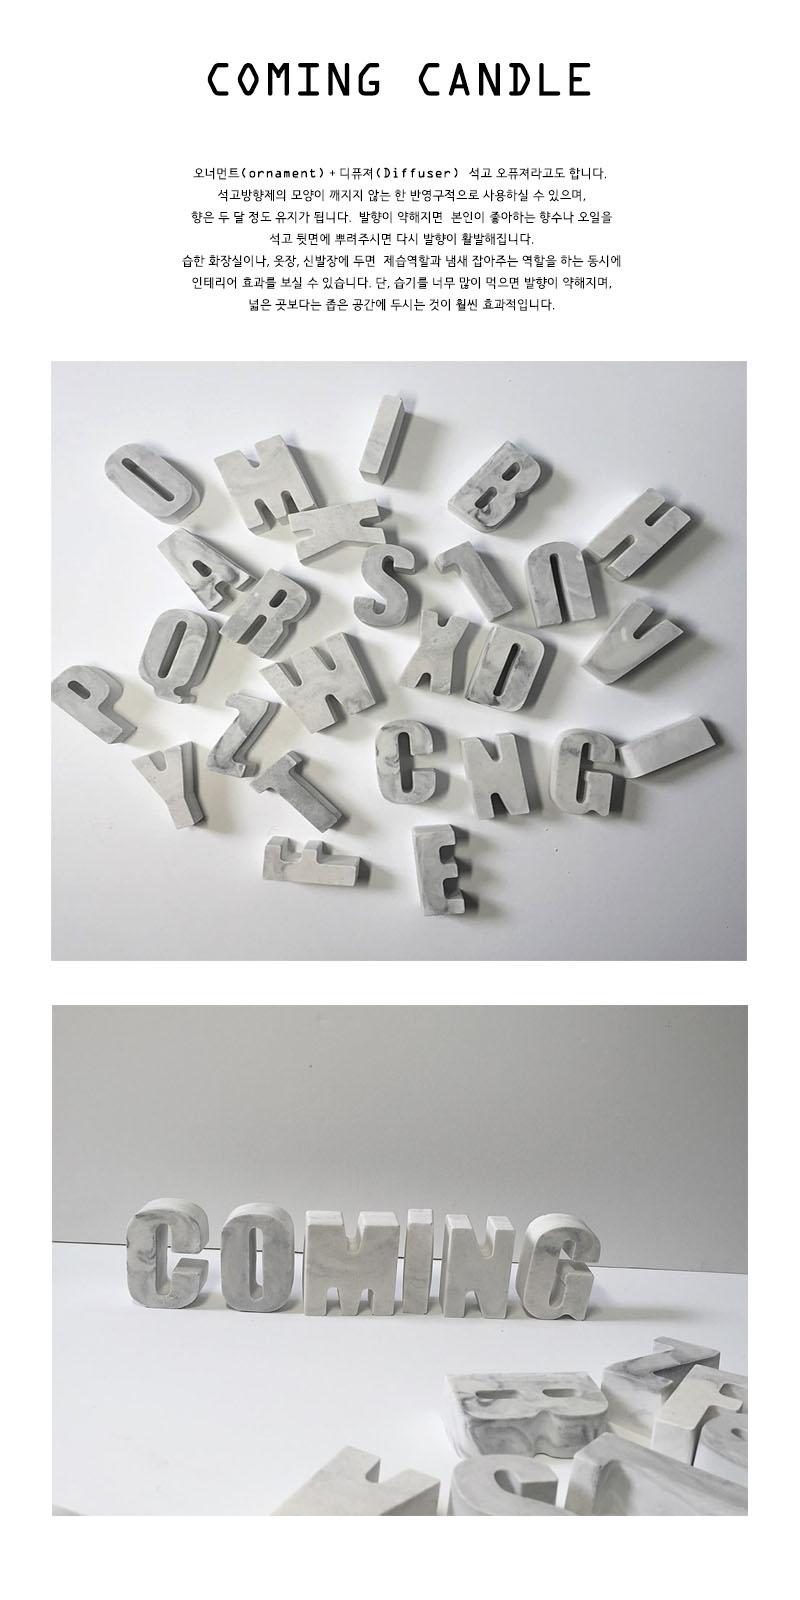 마블 이니셜 석고방향제 - 커밍캔들, 3,500원, 방향제, 석고방향제